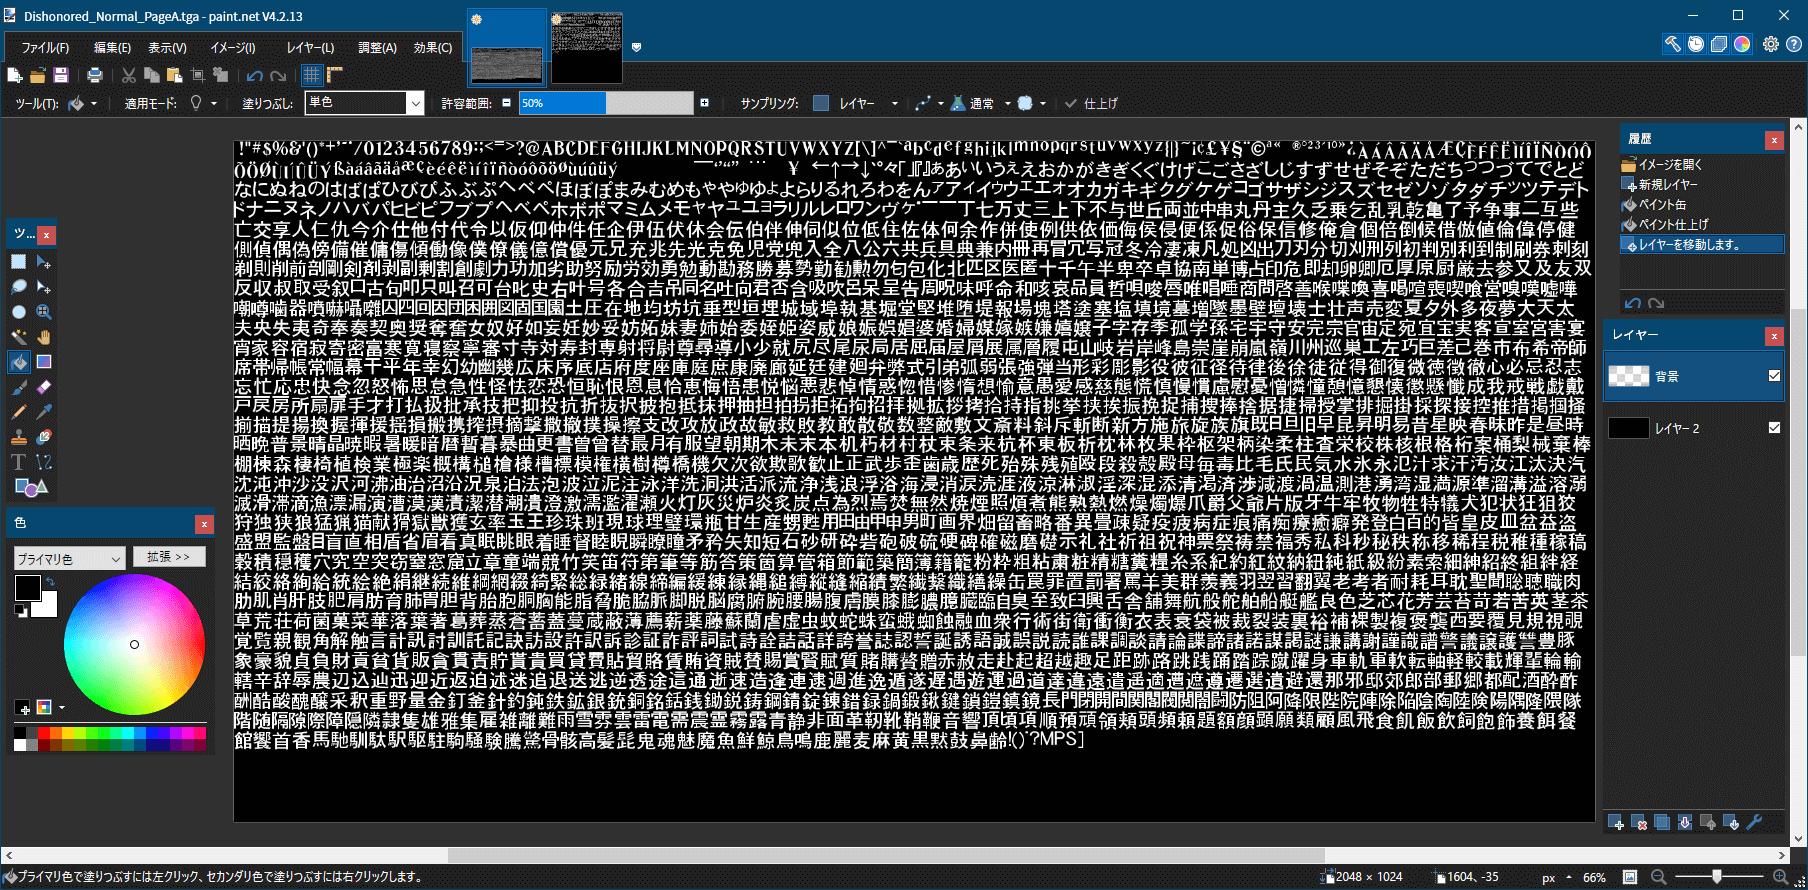 PC ゲーム Dishonored - Definitive Edition で Scaleform 日本語フォント、ビットマップ日本語フォントを追加する方法、おまけ: UE Viewer を使った upk ファイルアンパック方法、UE Viewer でビットマップ日本語フォント UI_LOADING_SF_LOC_INT.upk からエクスポートした Dishonored_Normal_PageA.tga ファイルを Paint.NET で開き、新規レイヤーを追加して黒で塗りつぶし、レイヤーの並び替えて文字を見やすくしたもの、ゲーム中に表示されるビットマップフォント